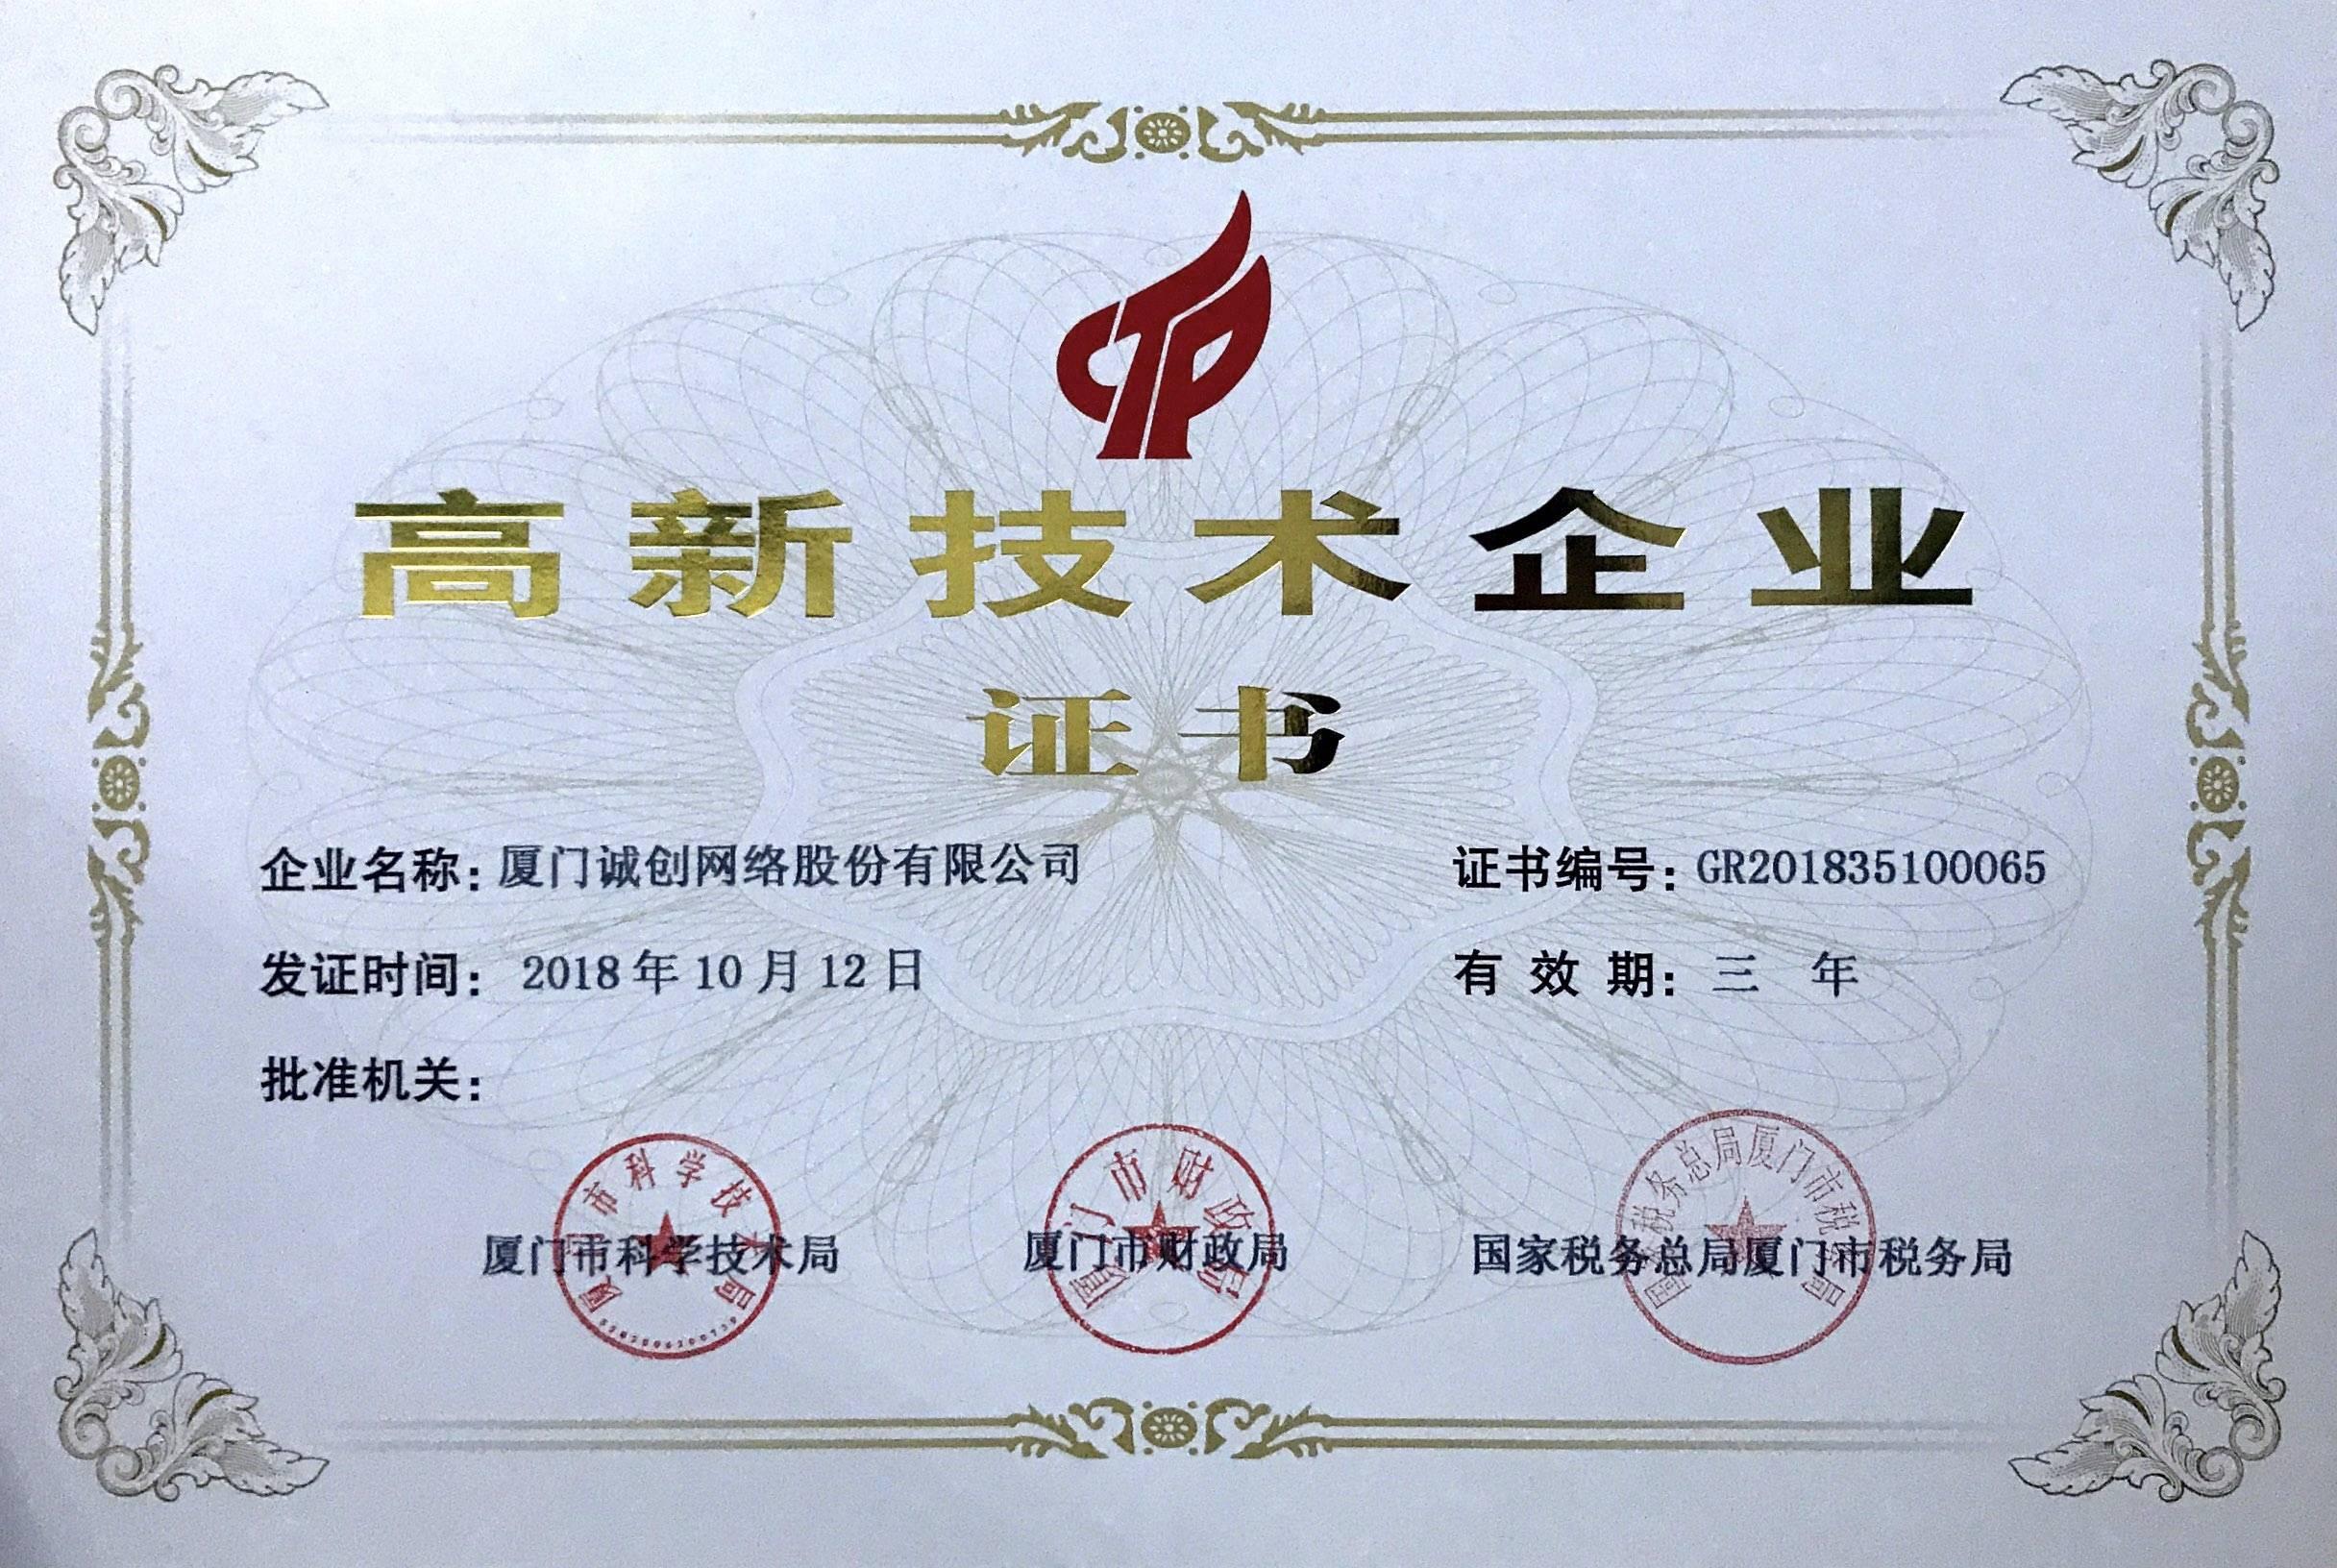 沃保网荣获国家级高新技术企业